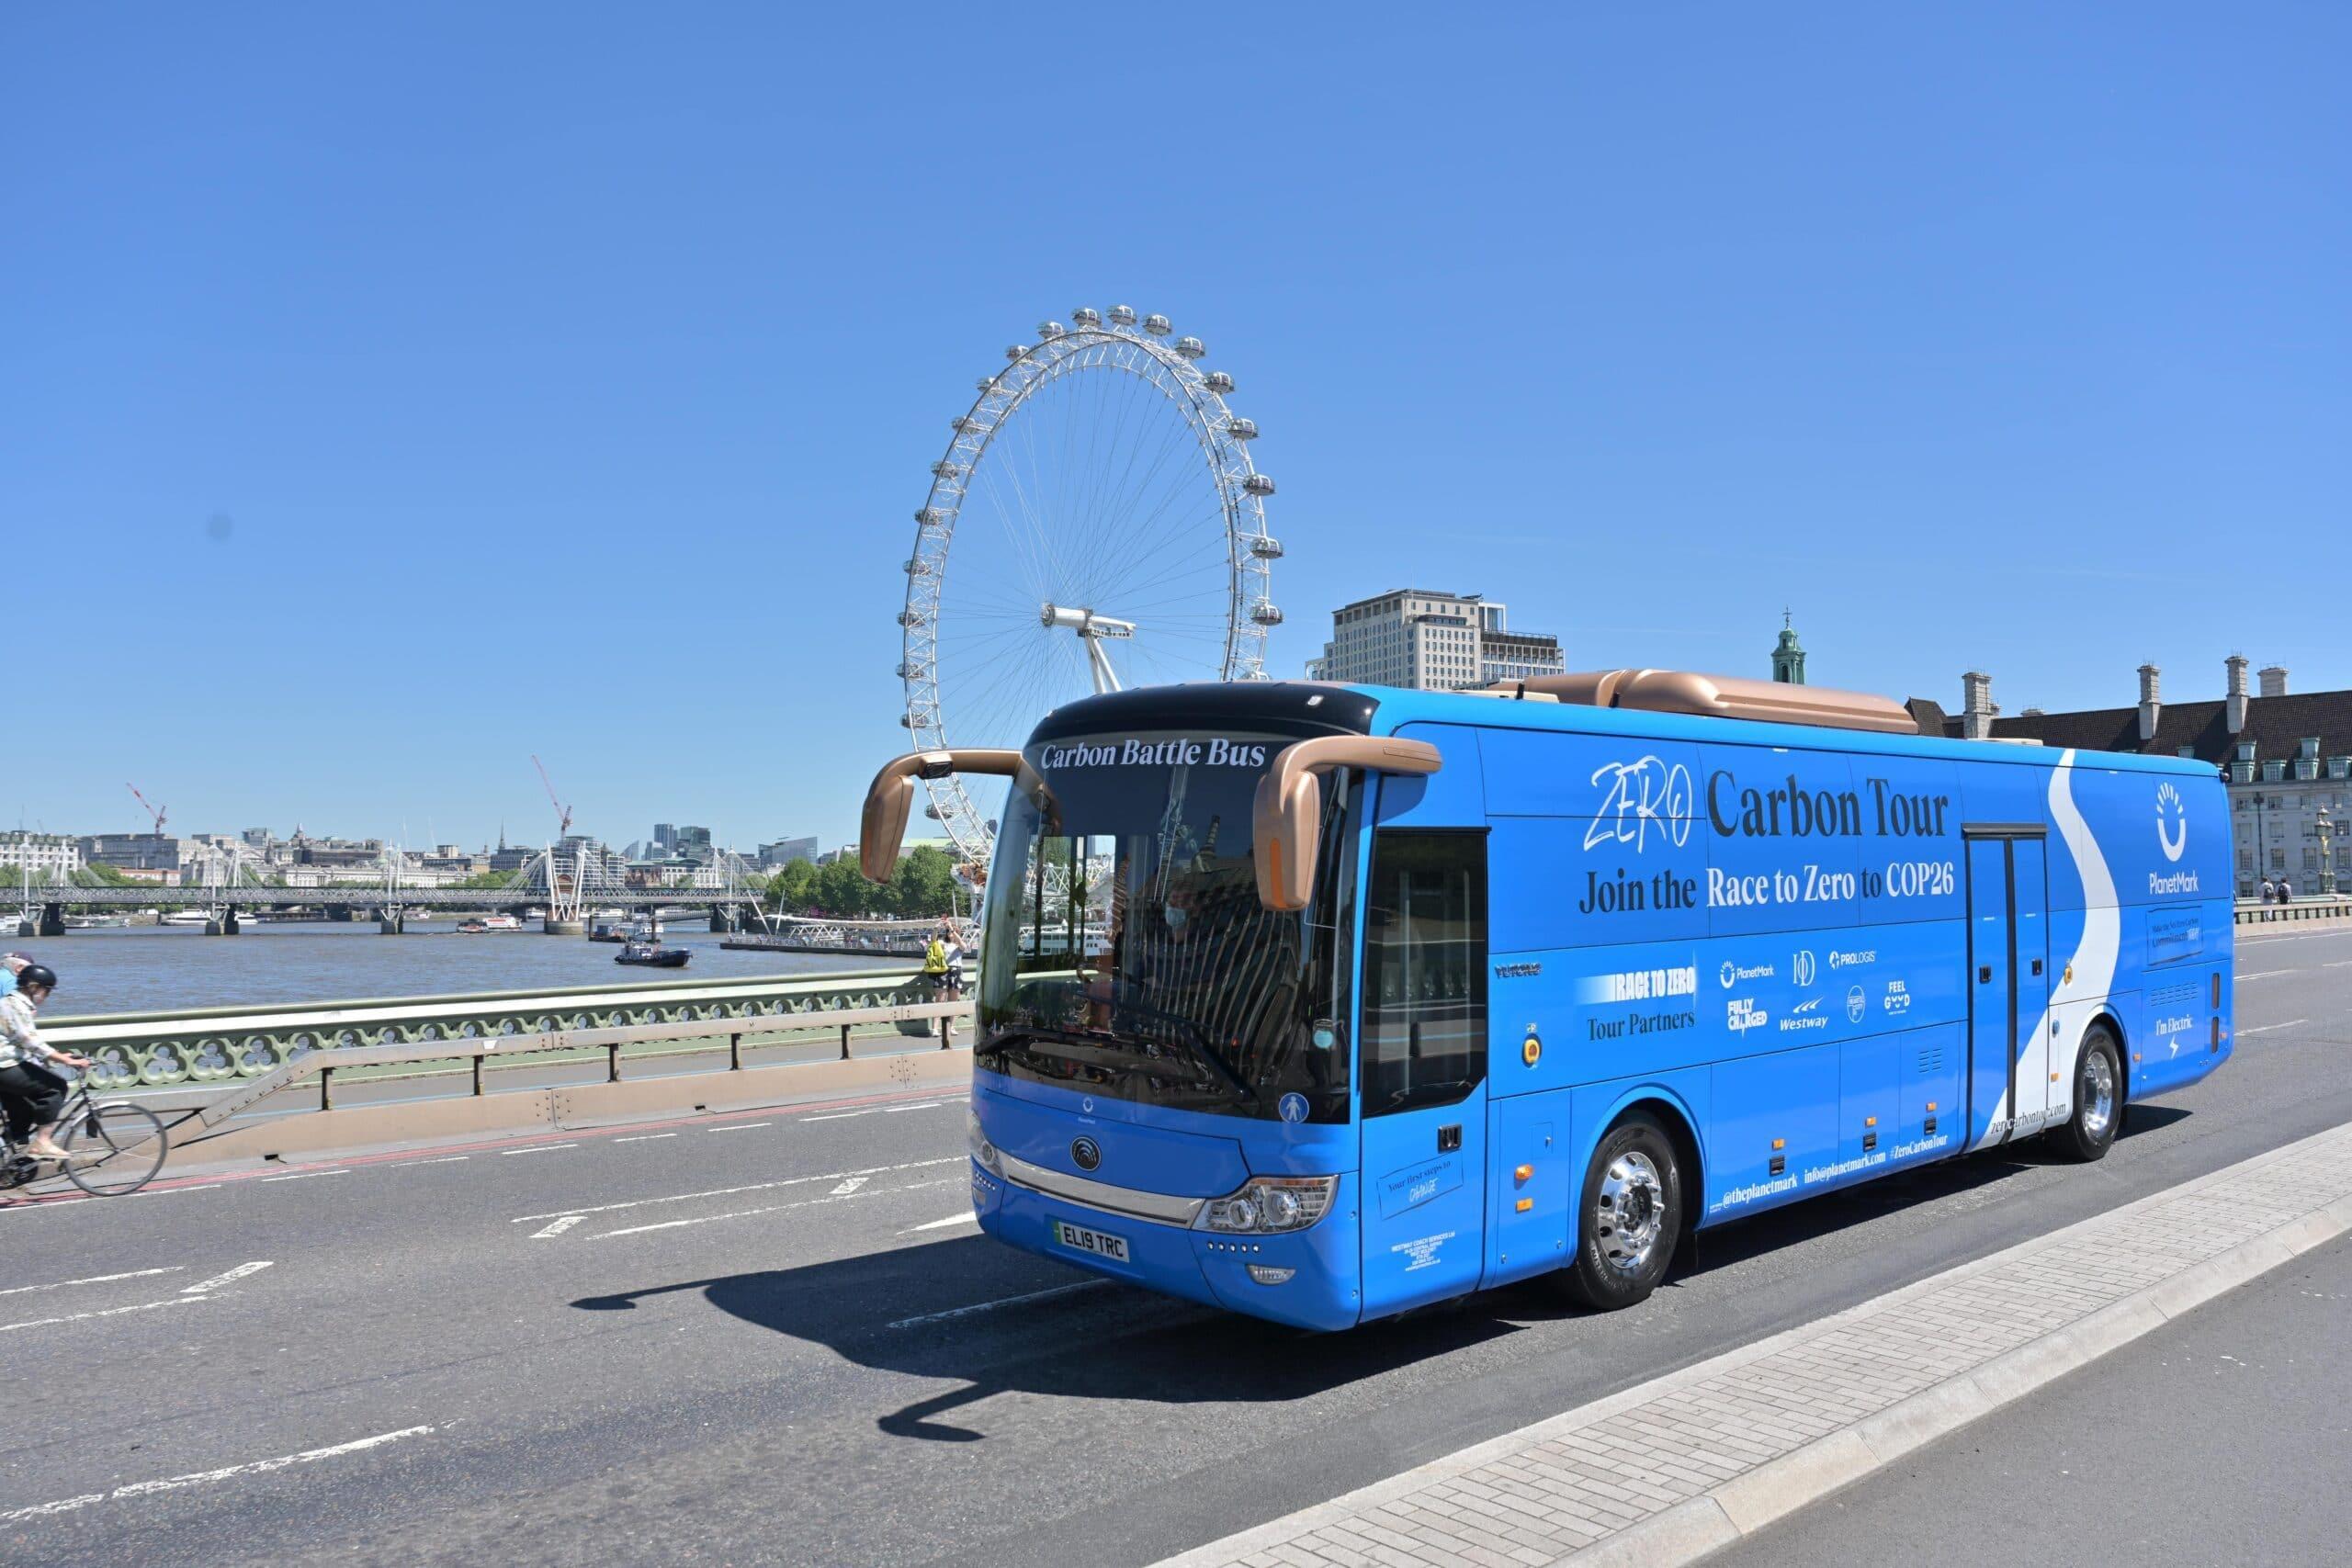 Carbon Battle Bus London